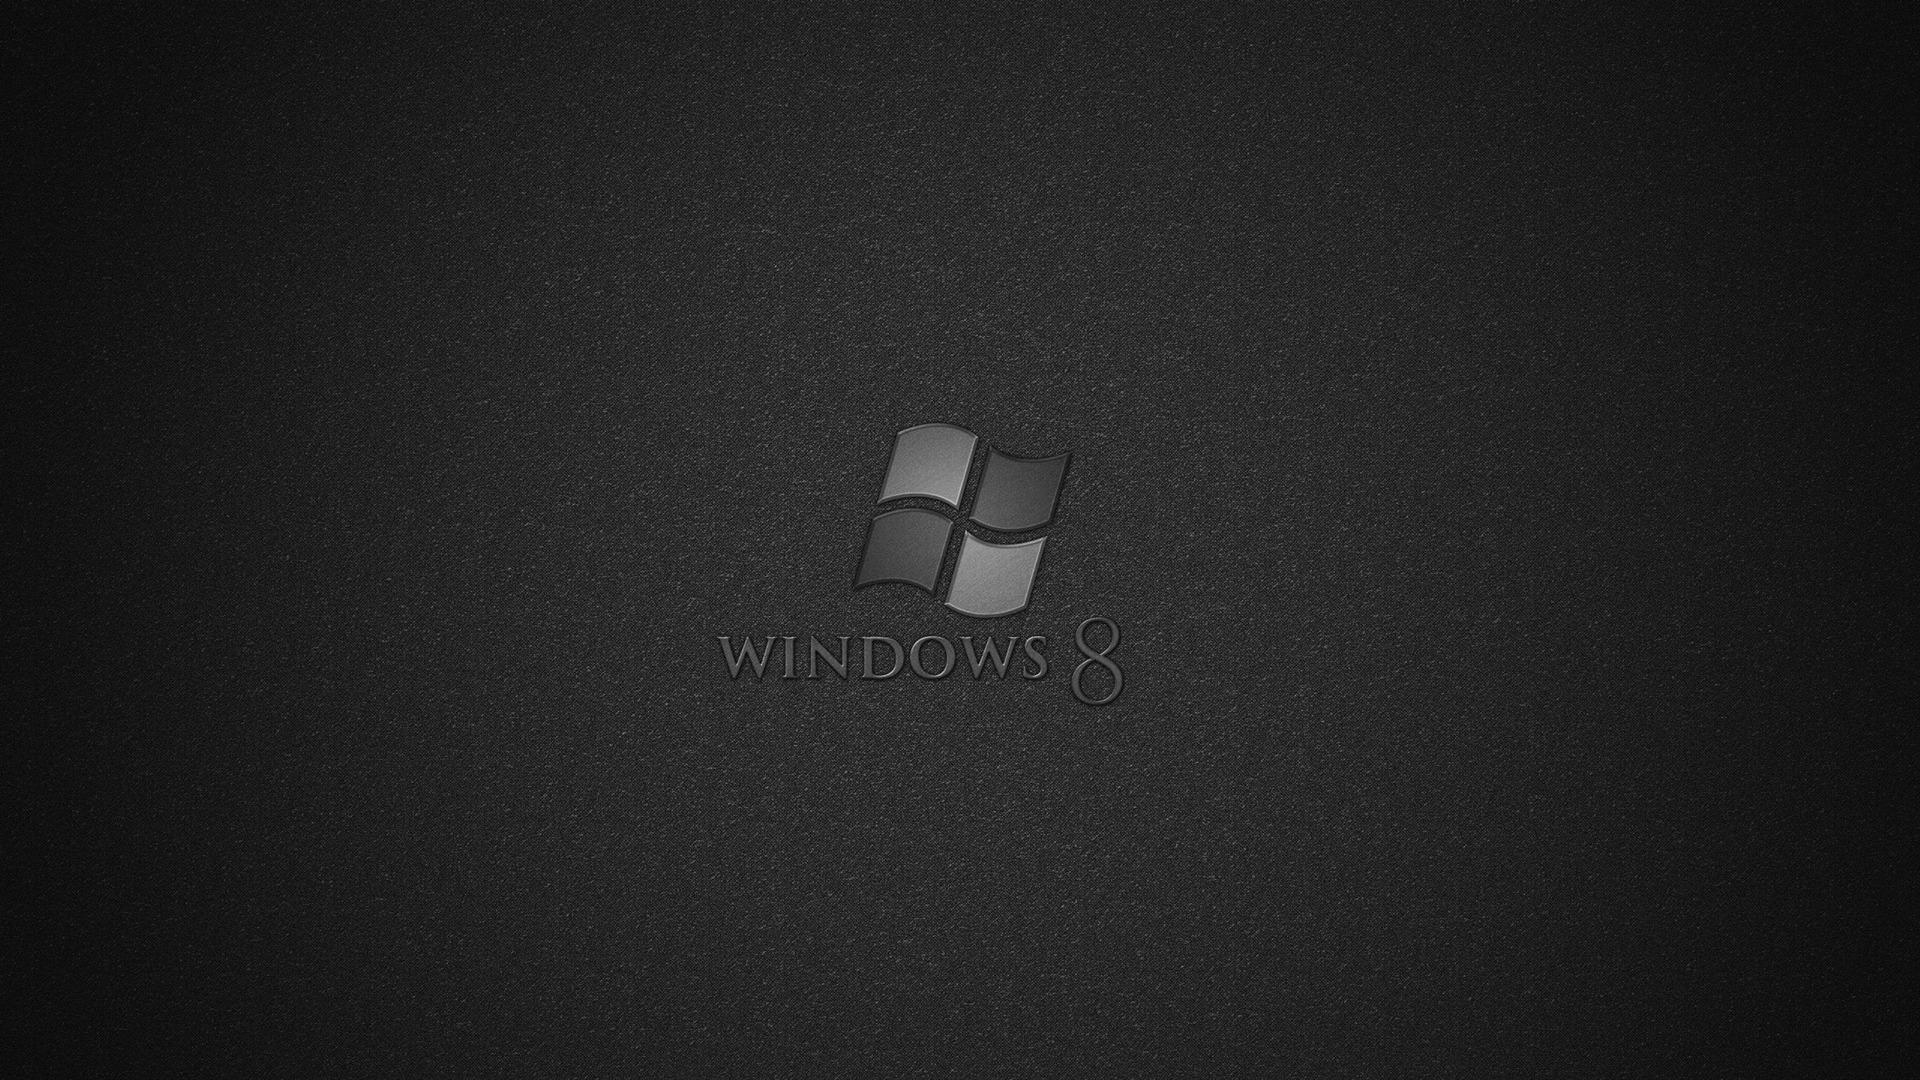 黒-Microsoft Windowsの8システムの壁紙 - 1920x...   フレンドリン